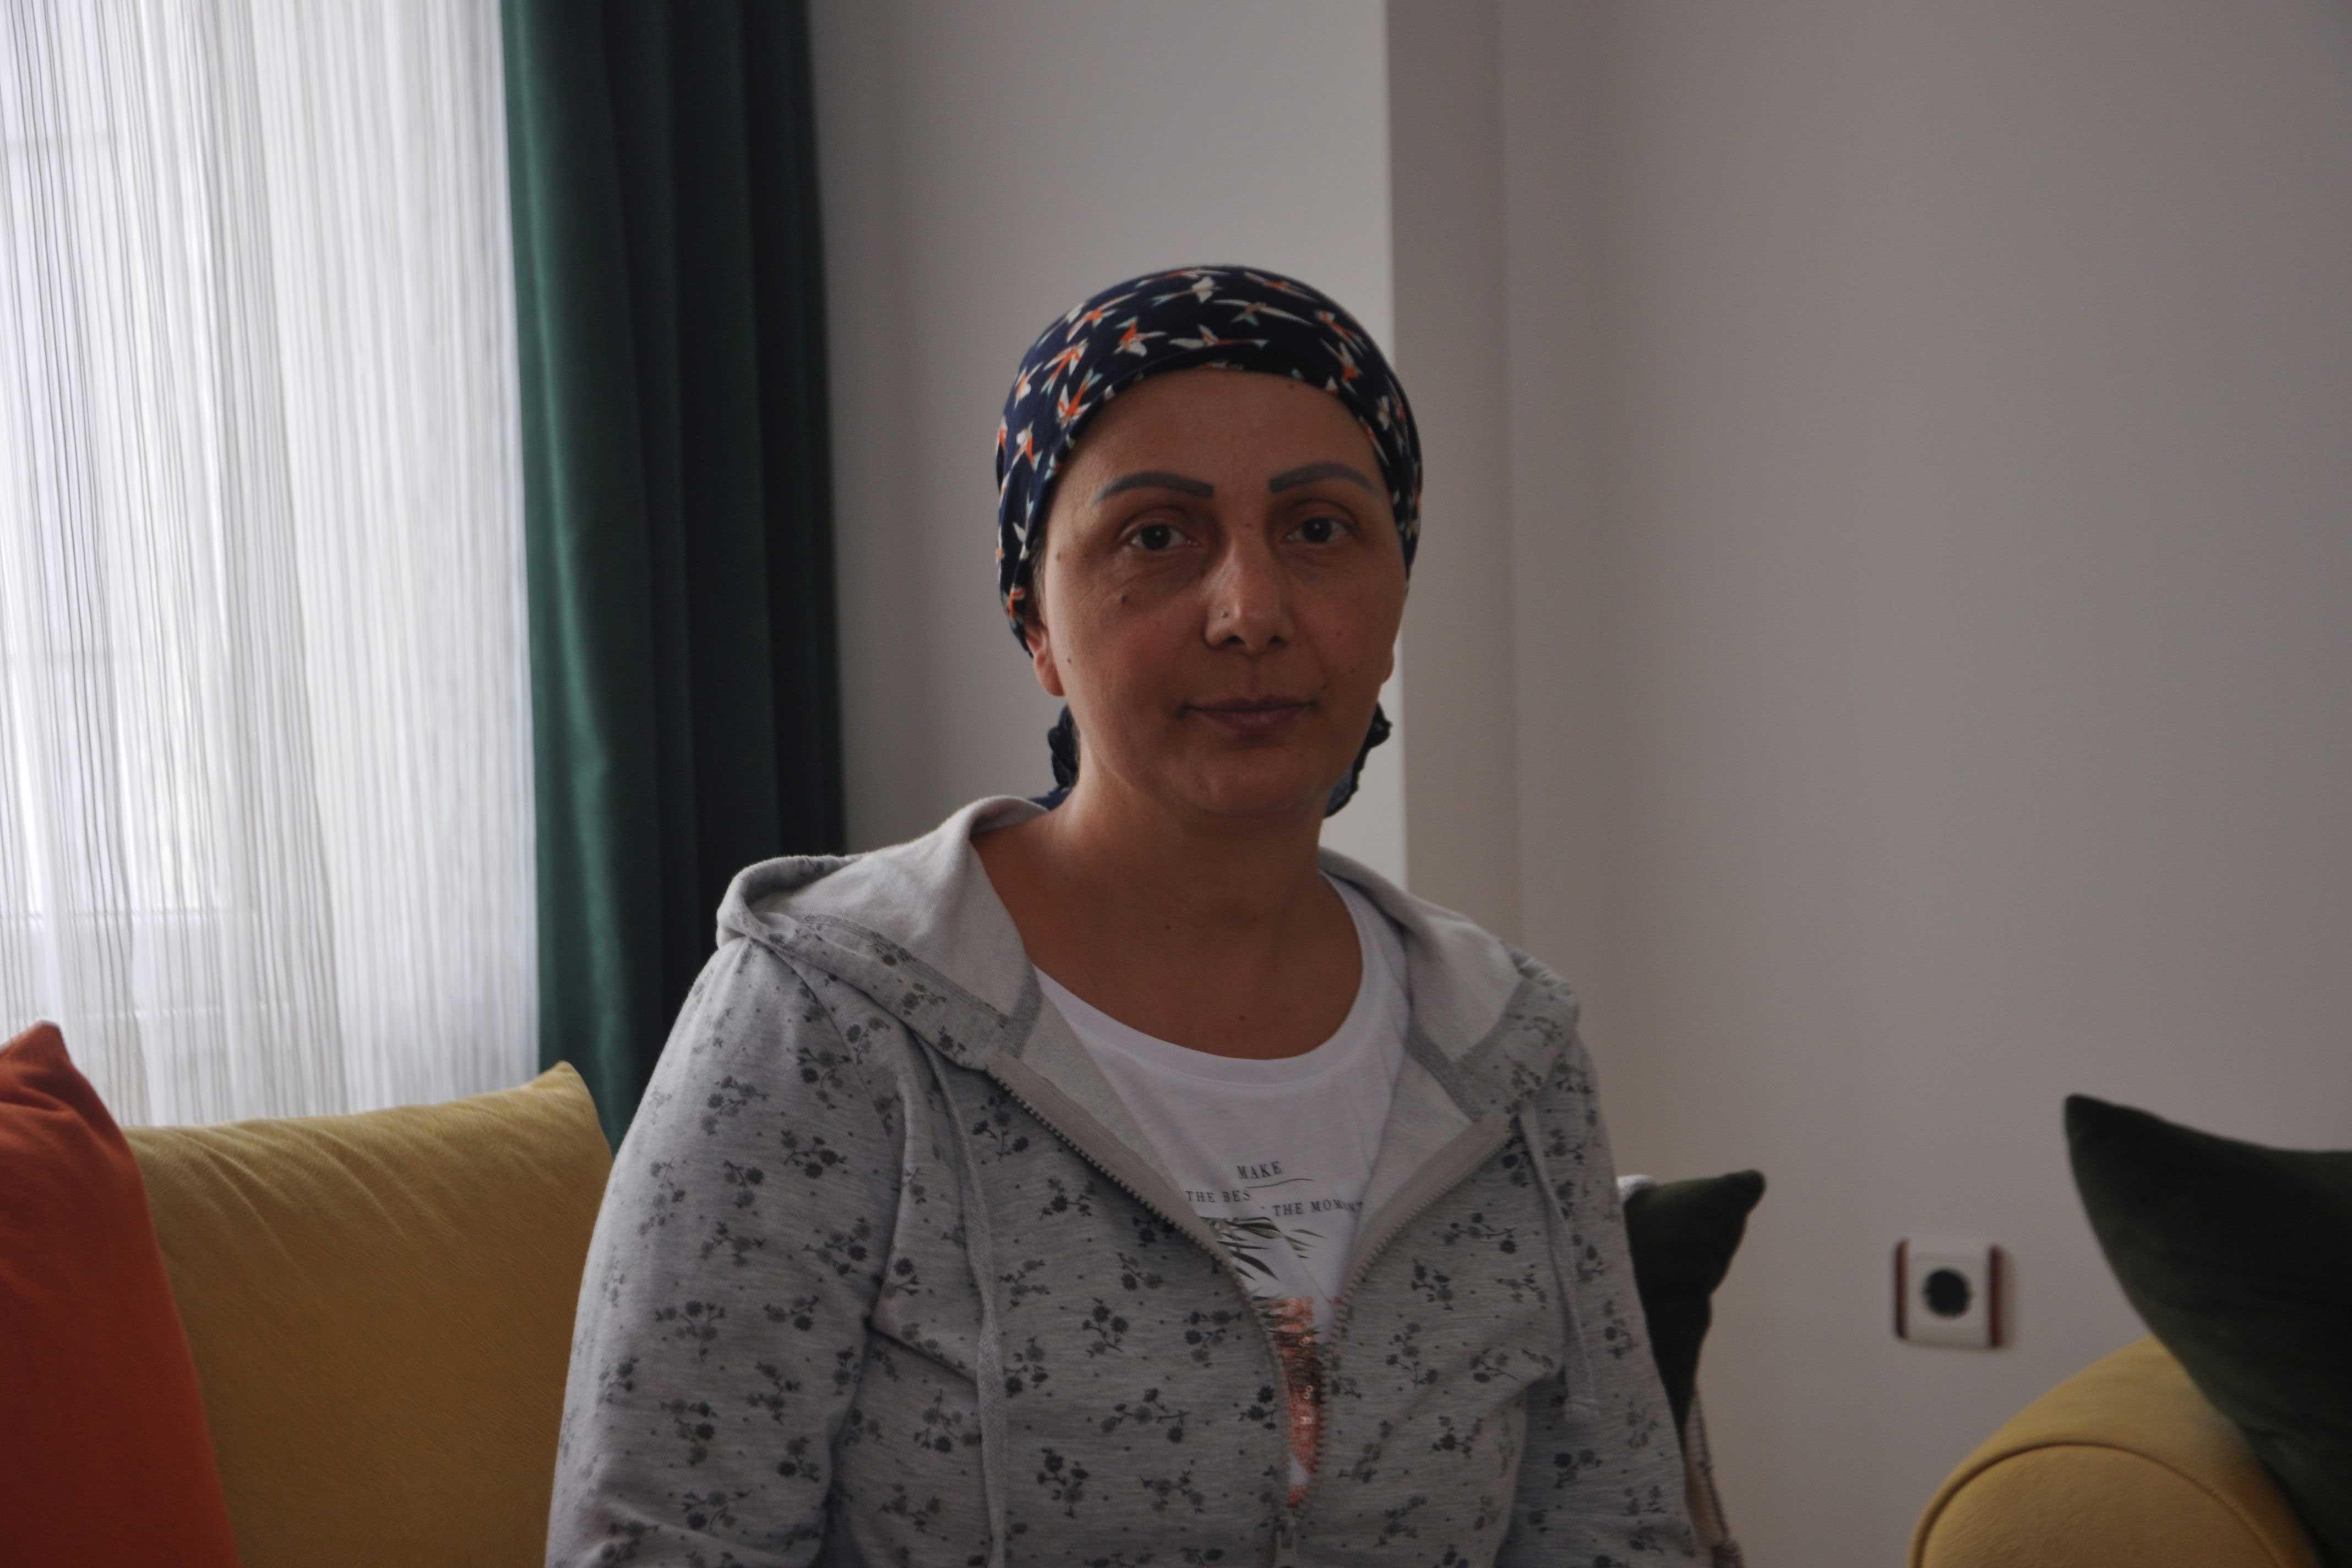 İşten atılan kanser hastası işçi çaresiz kaldı